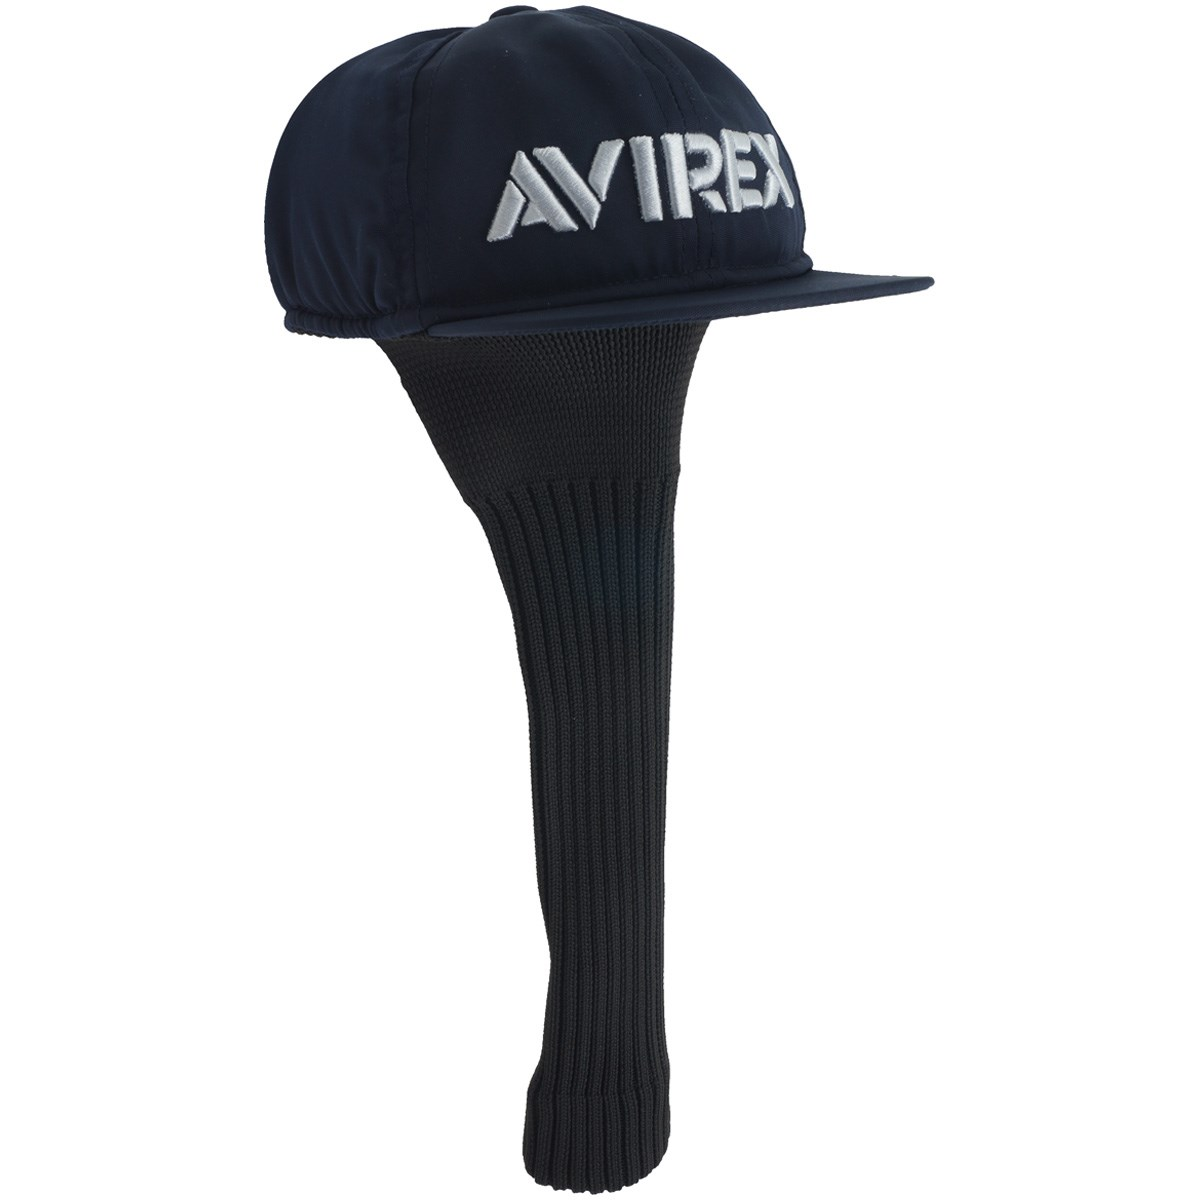 アビレックス ゴルフ キャップ型ヘッドカバー DR用